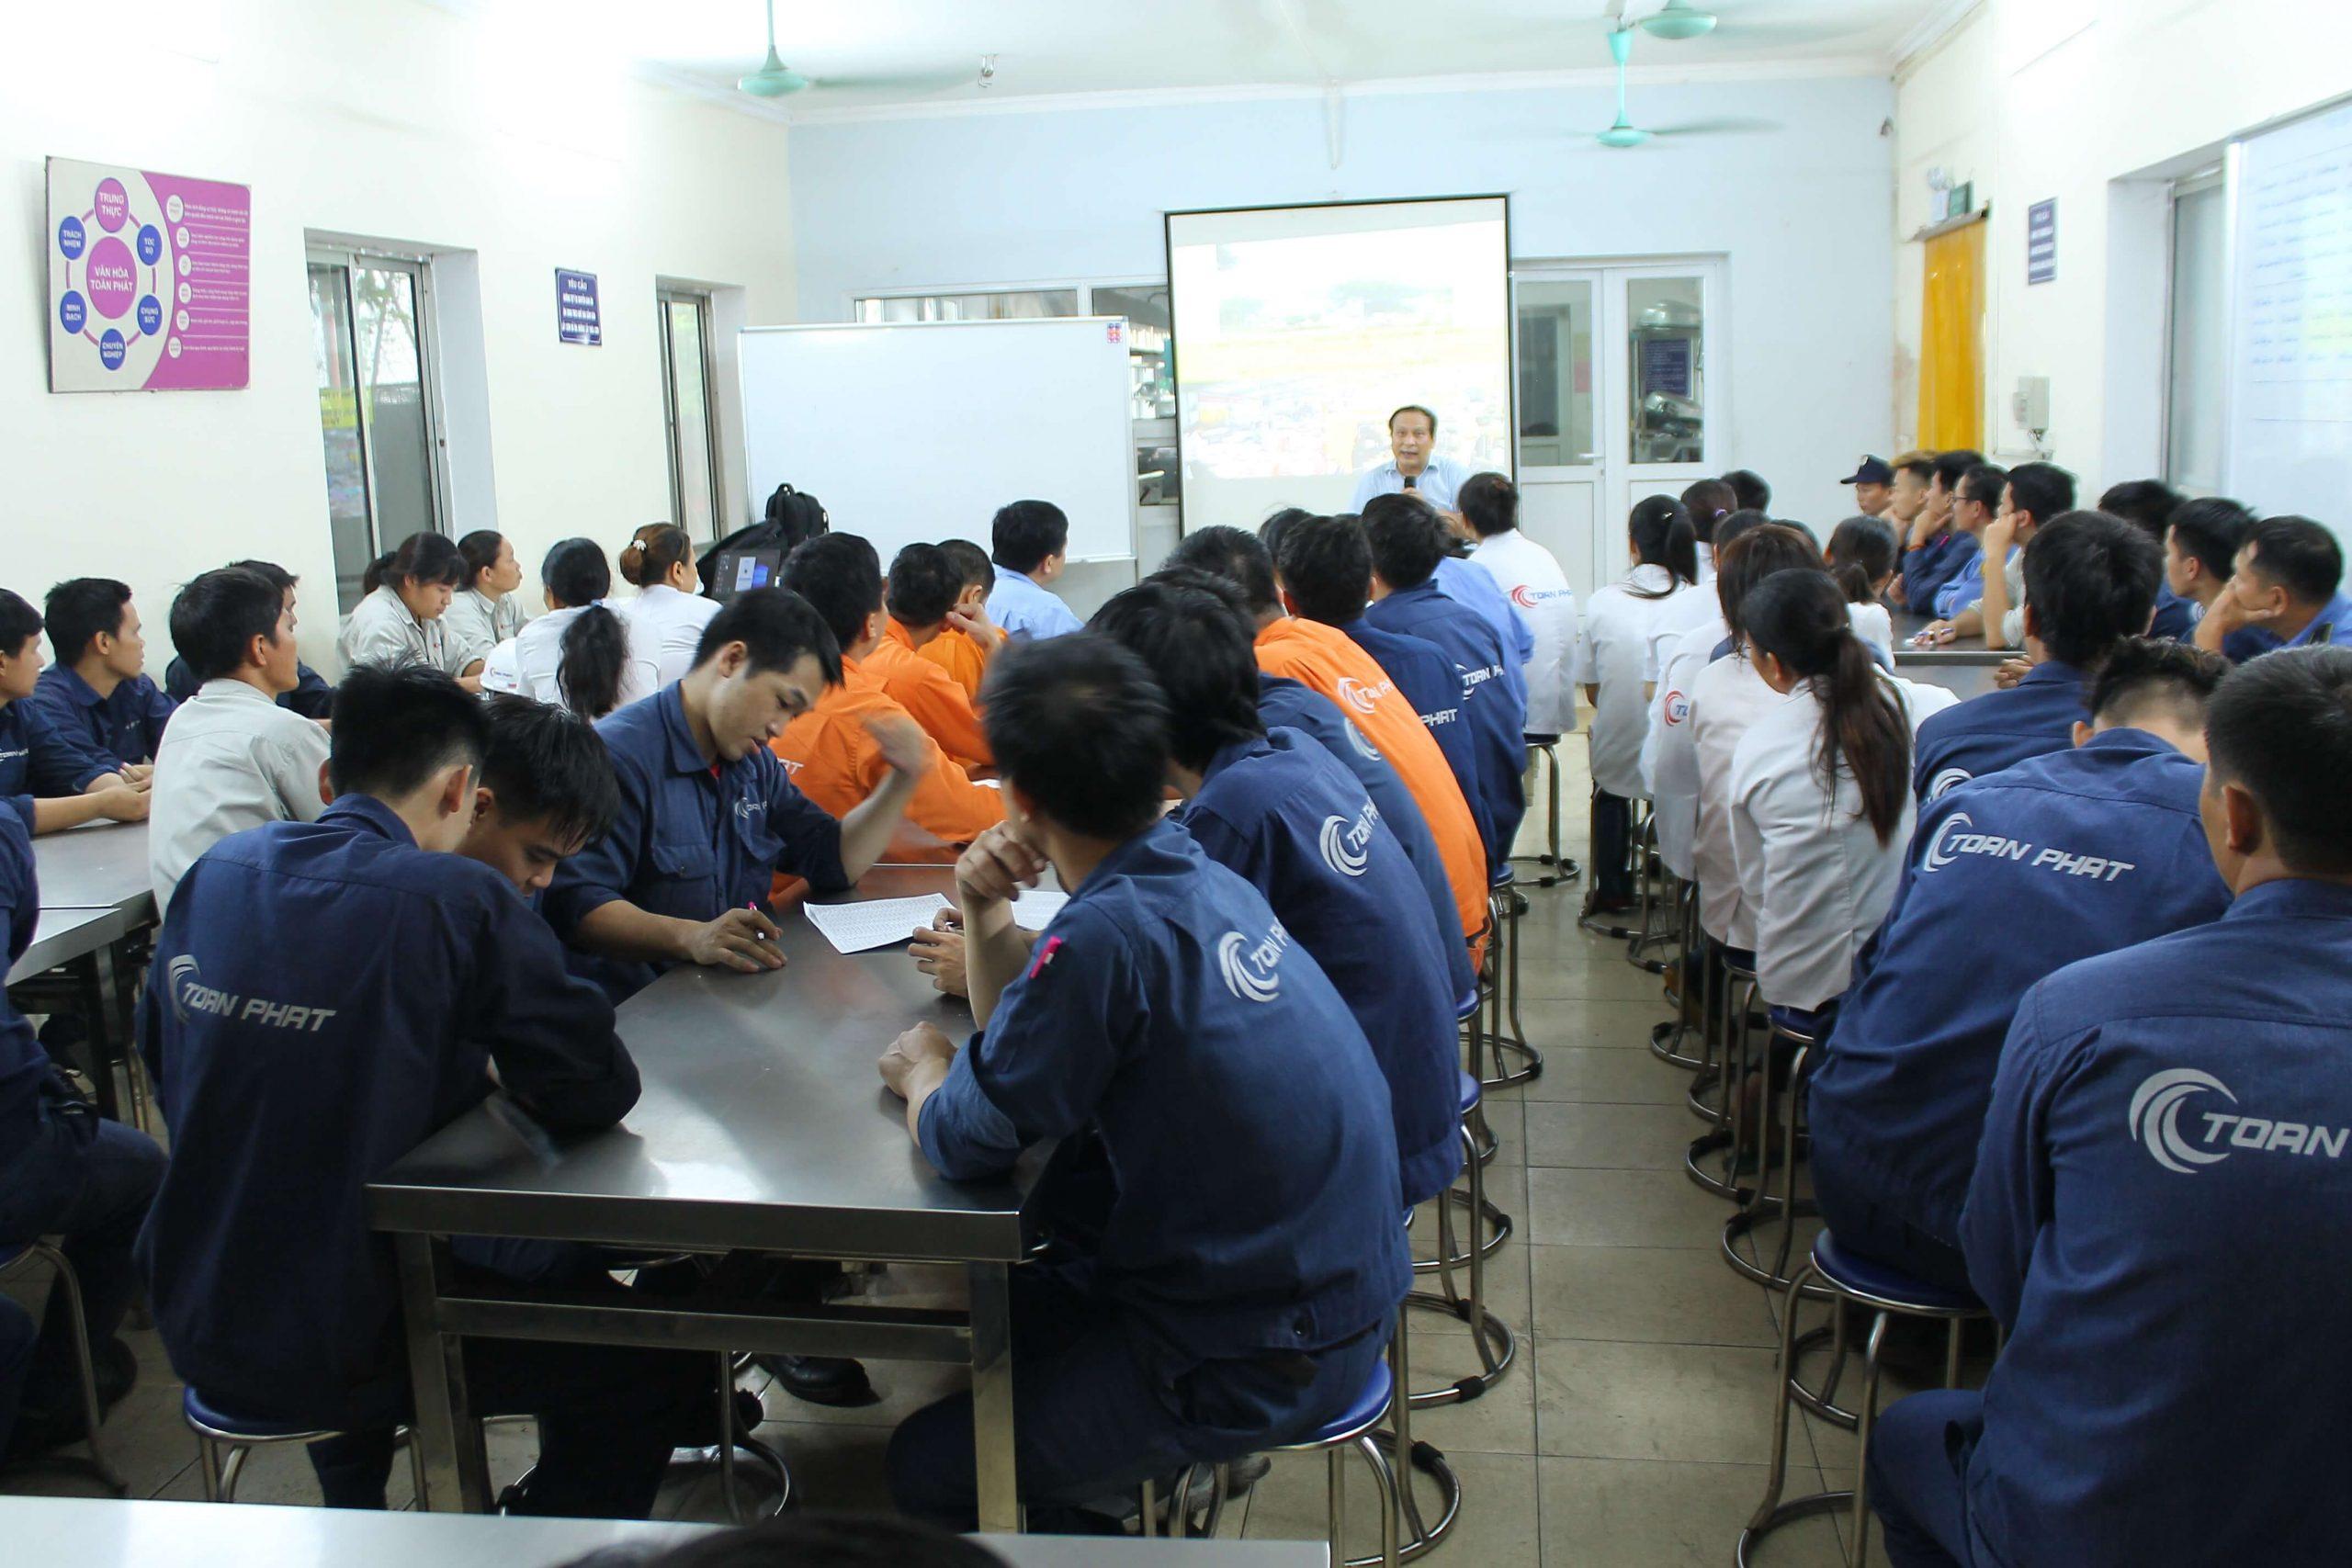 Huấn luyện an toàn lao động, vệ sinh lao động tại công ty cổ phần ống đồng Toàn Phát